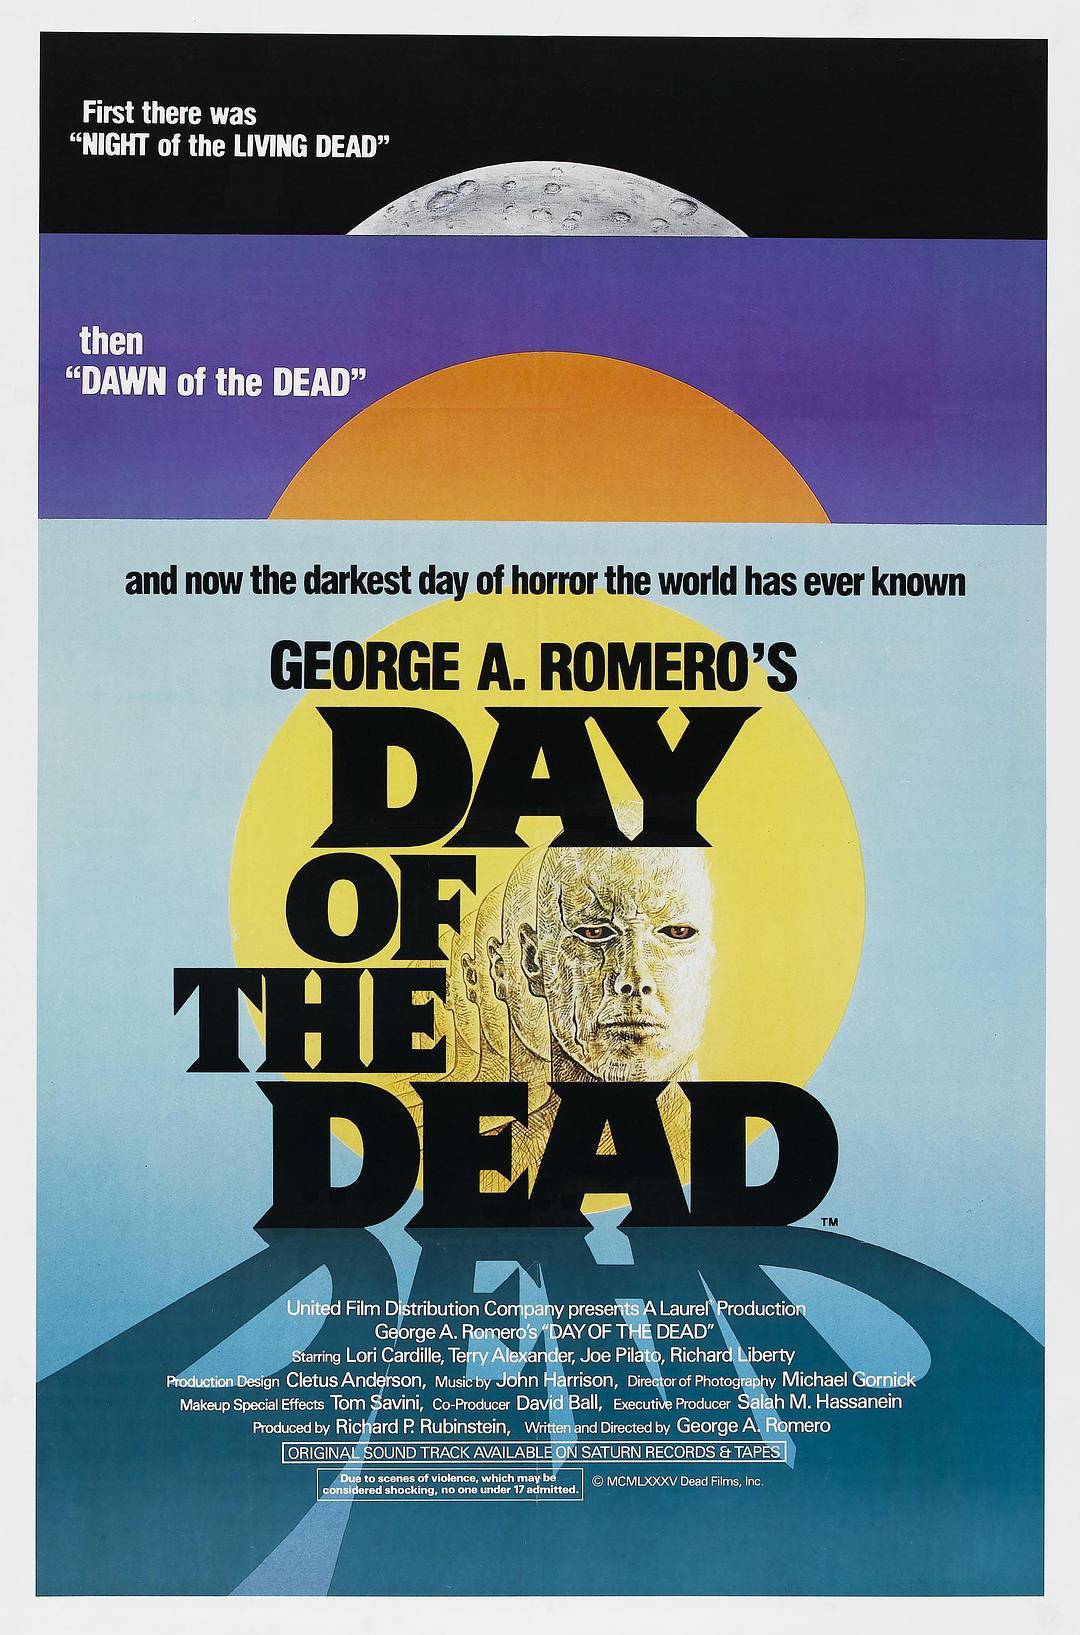 活死人之日1